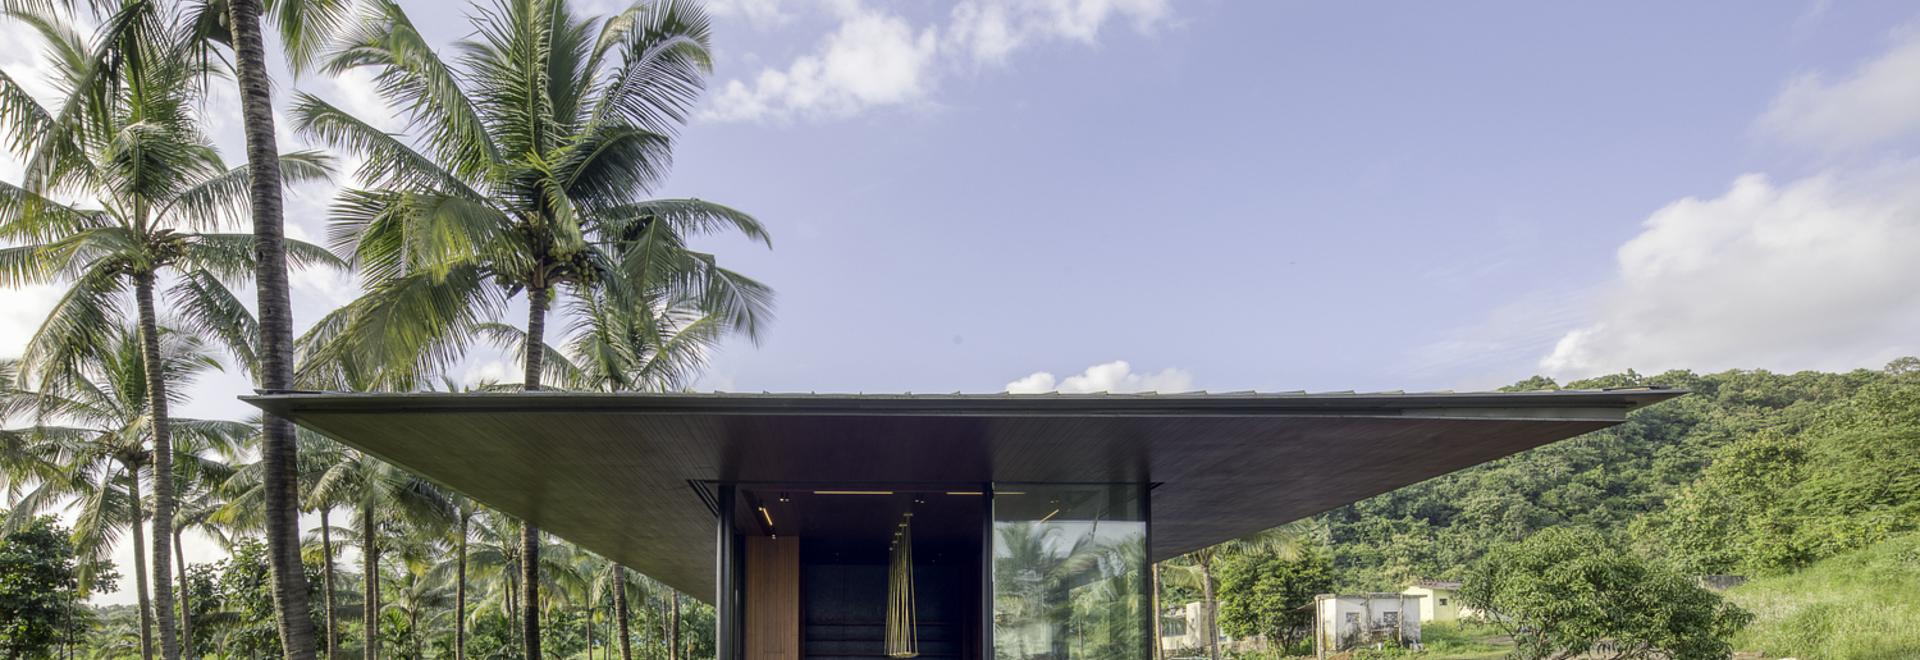 Maison Parikrama / SPASM Design Architects